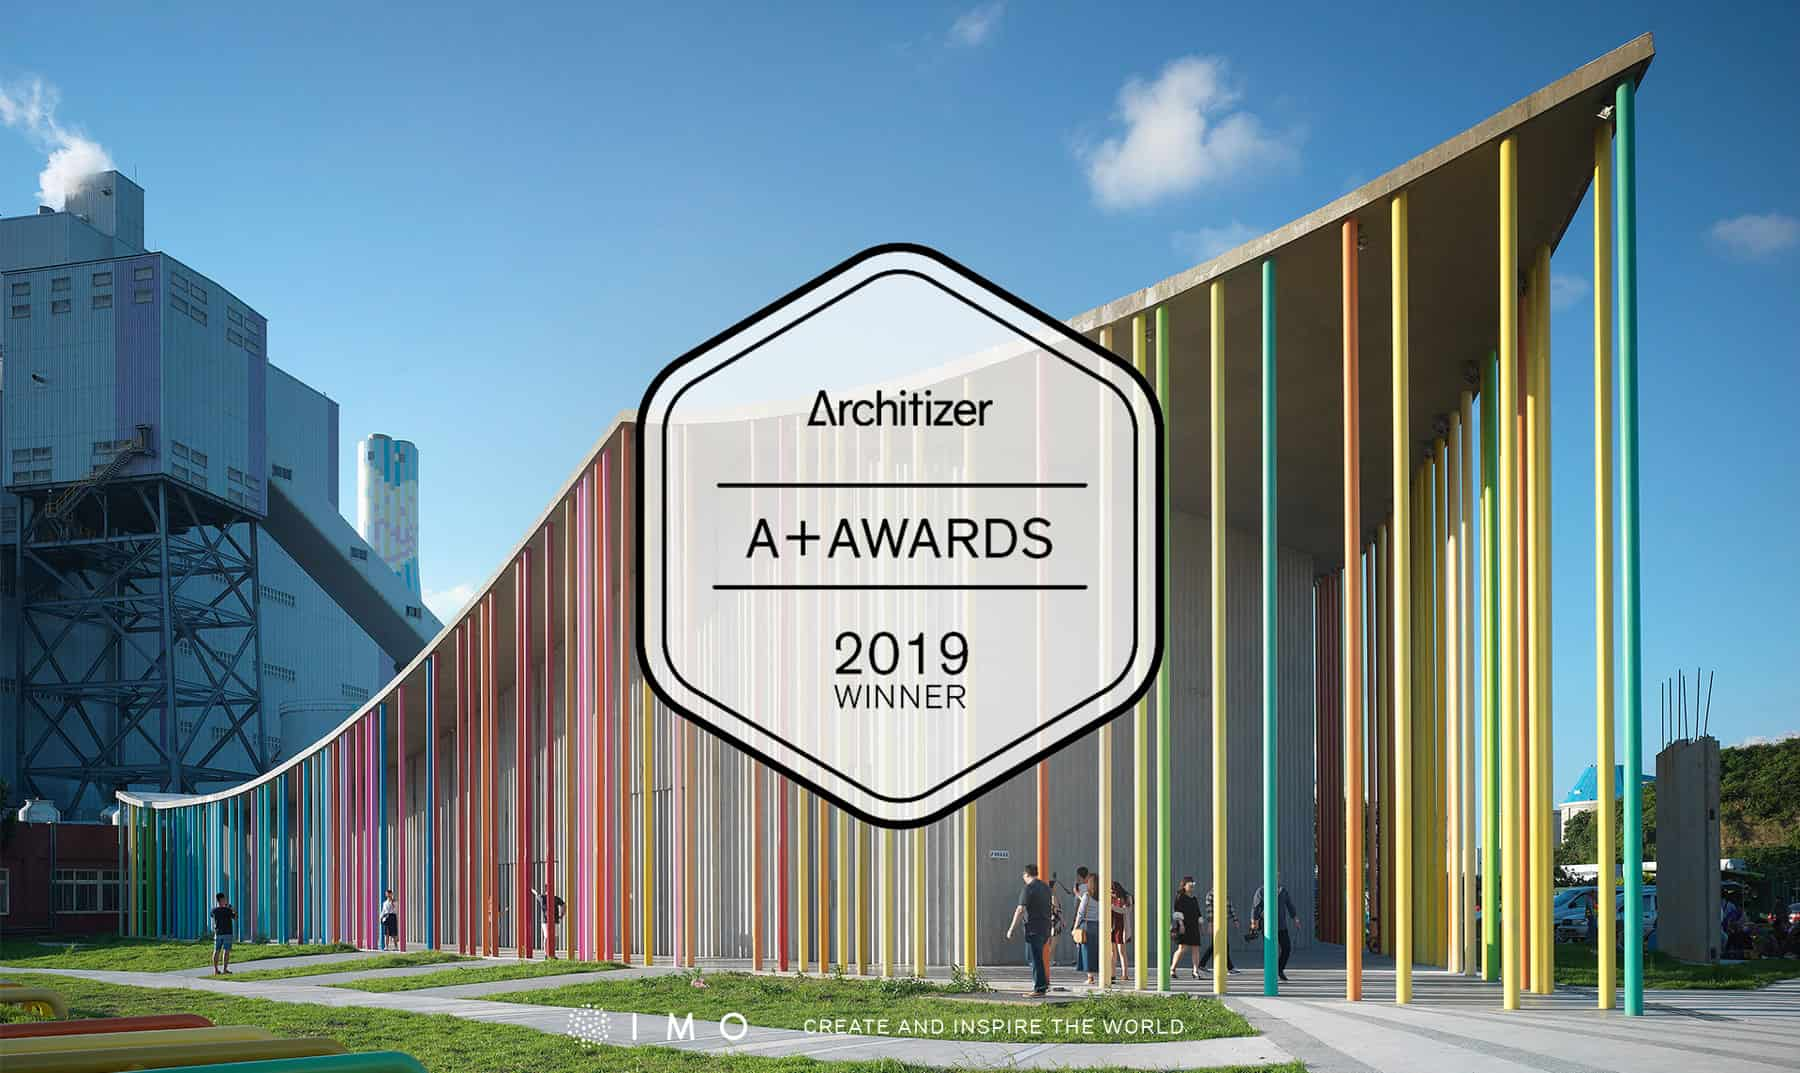 台灣的活動中心獲頒國際最大建築獎項